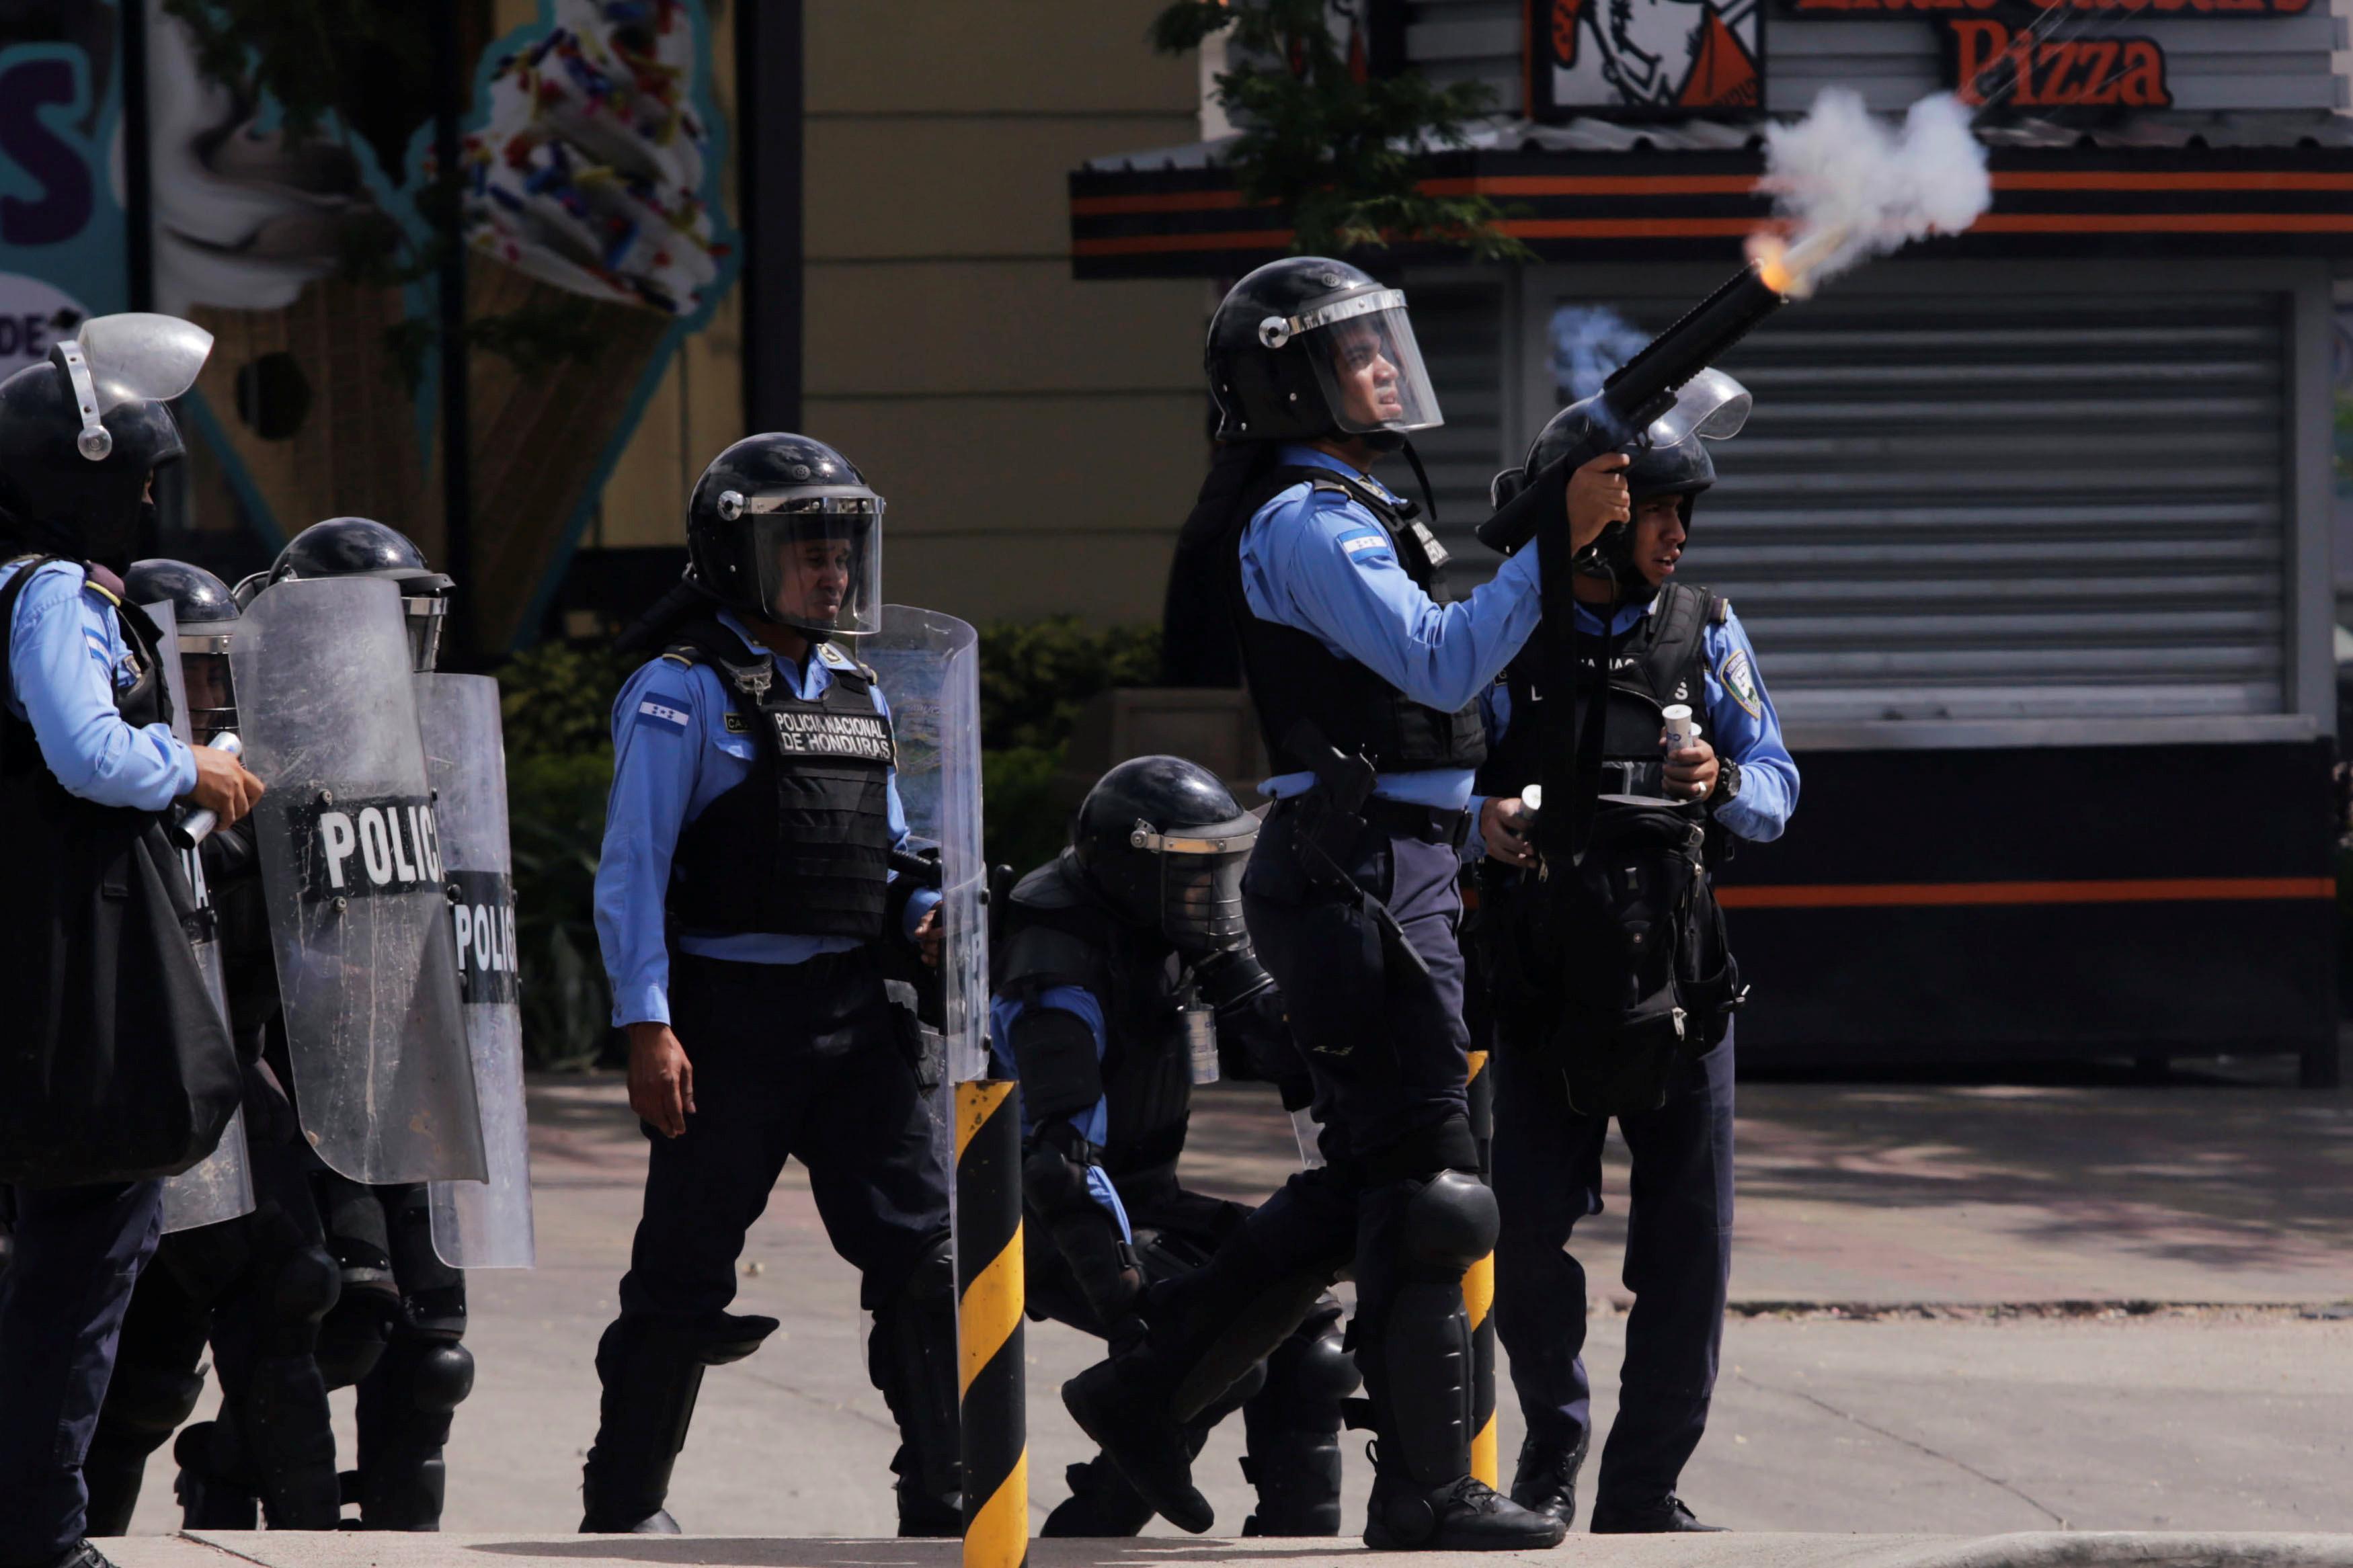 1421819-الشرطة-فى-هندوراس-تطلق-قنابل-الغاز-لفض-الاحتجاجات